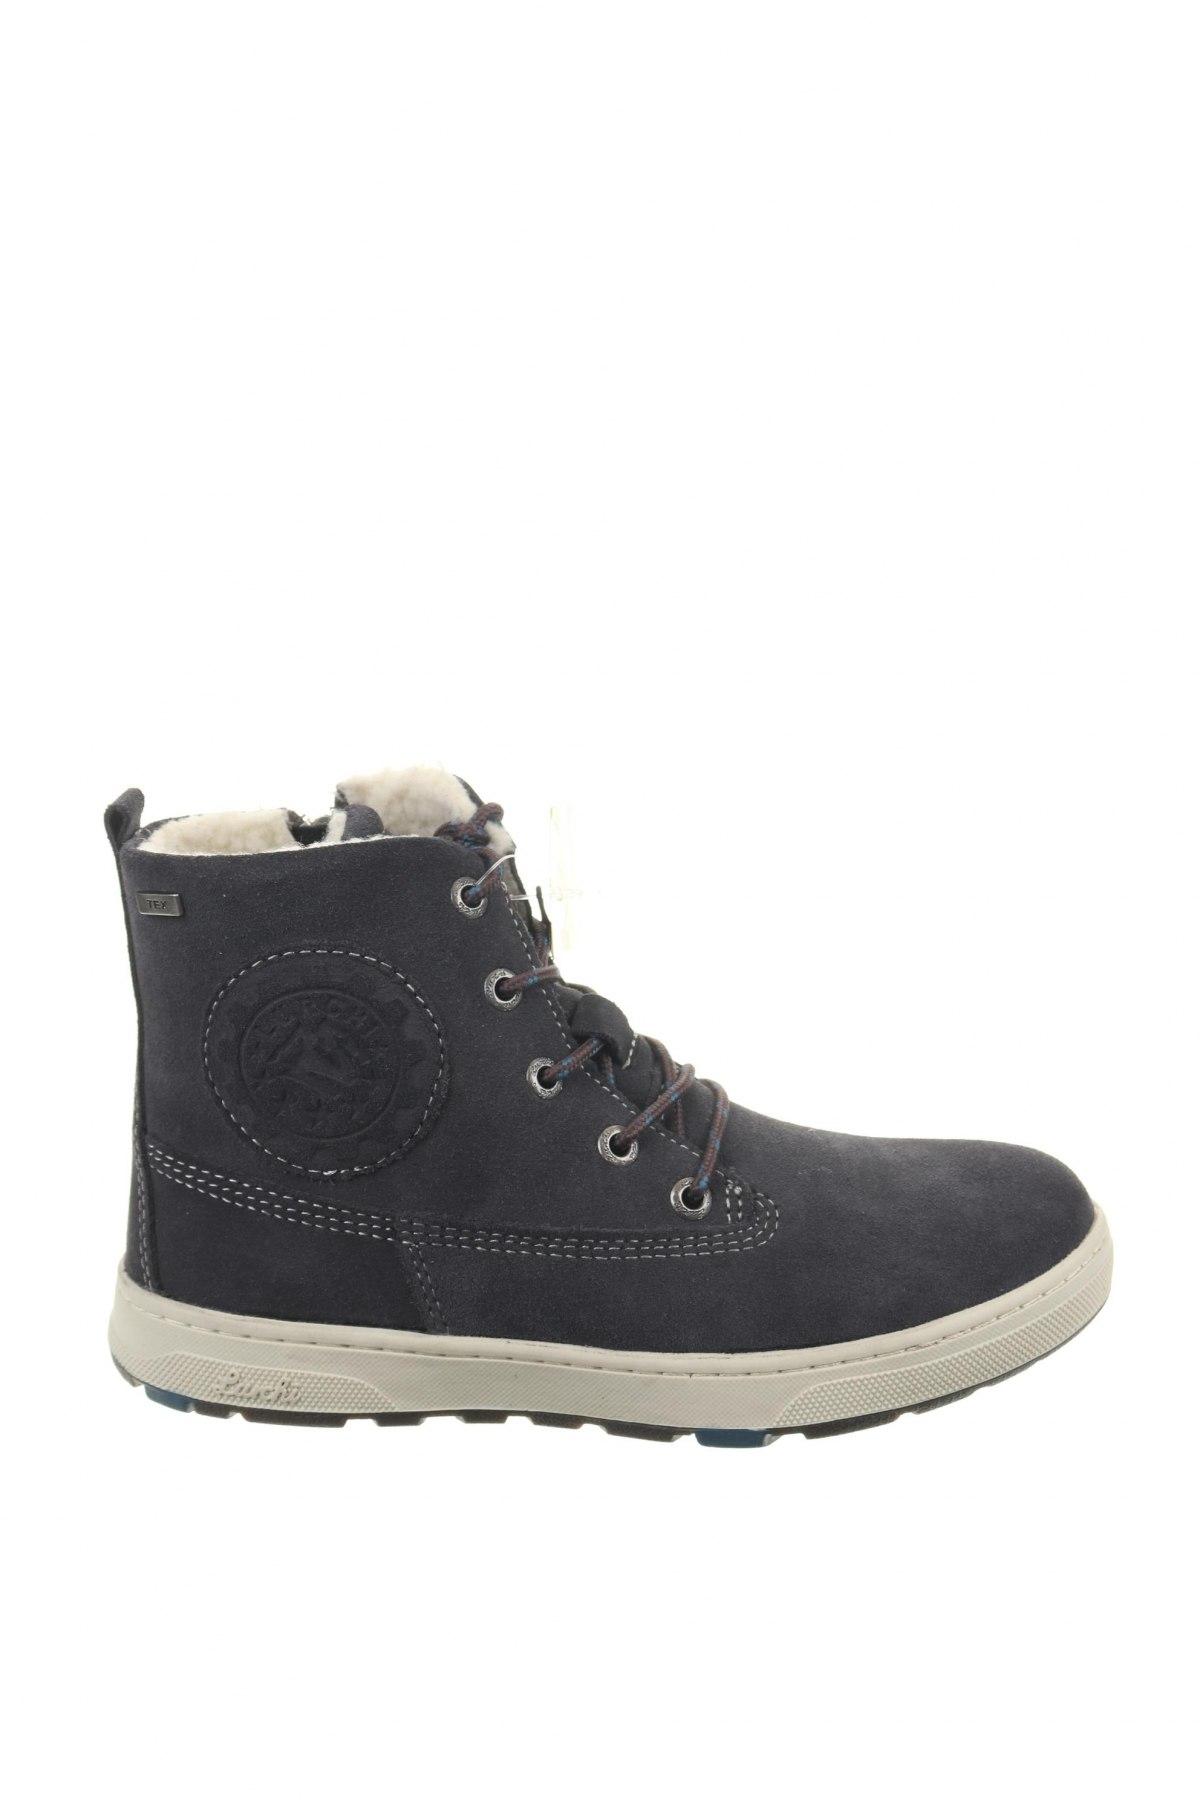 Παιδικά παπούτσια Lurchi, Μέγεθος 33, Χρώμα Μπλέ, Φυσικό σουέτ, Τιμή 33,74€